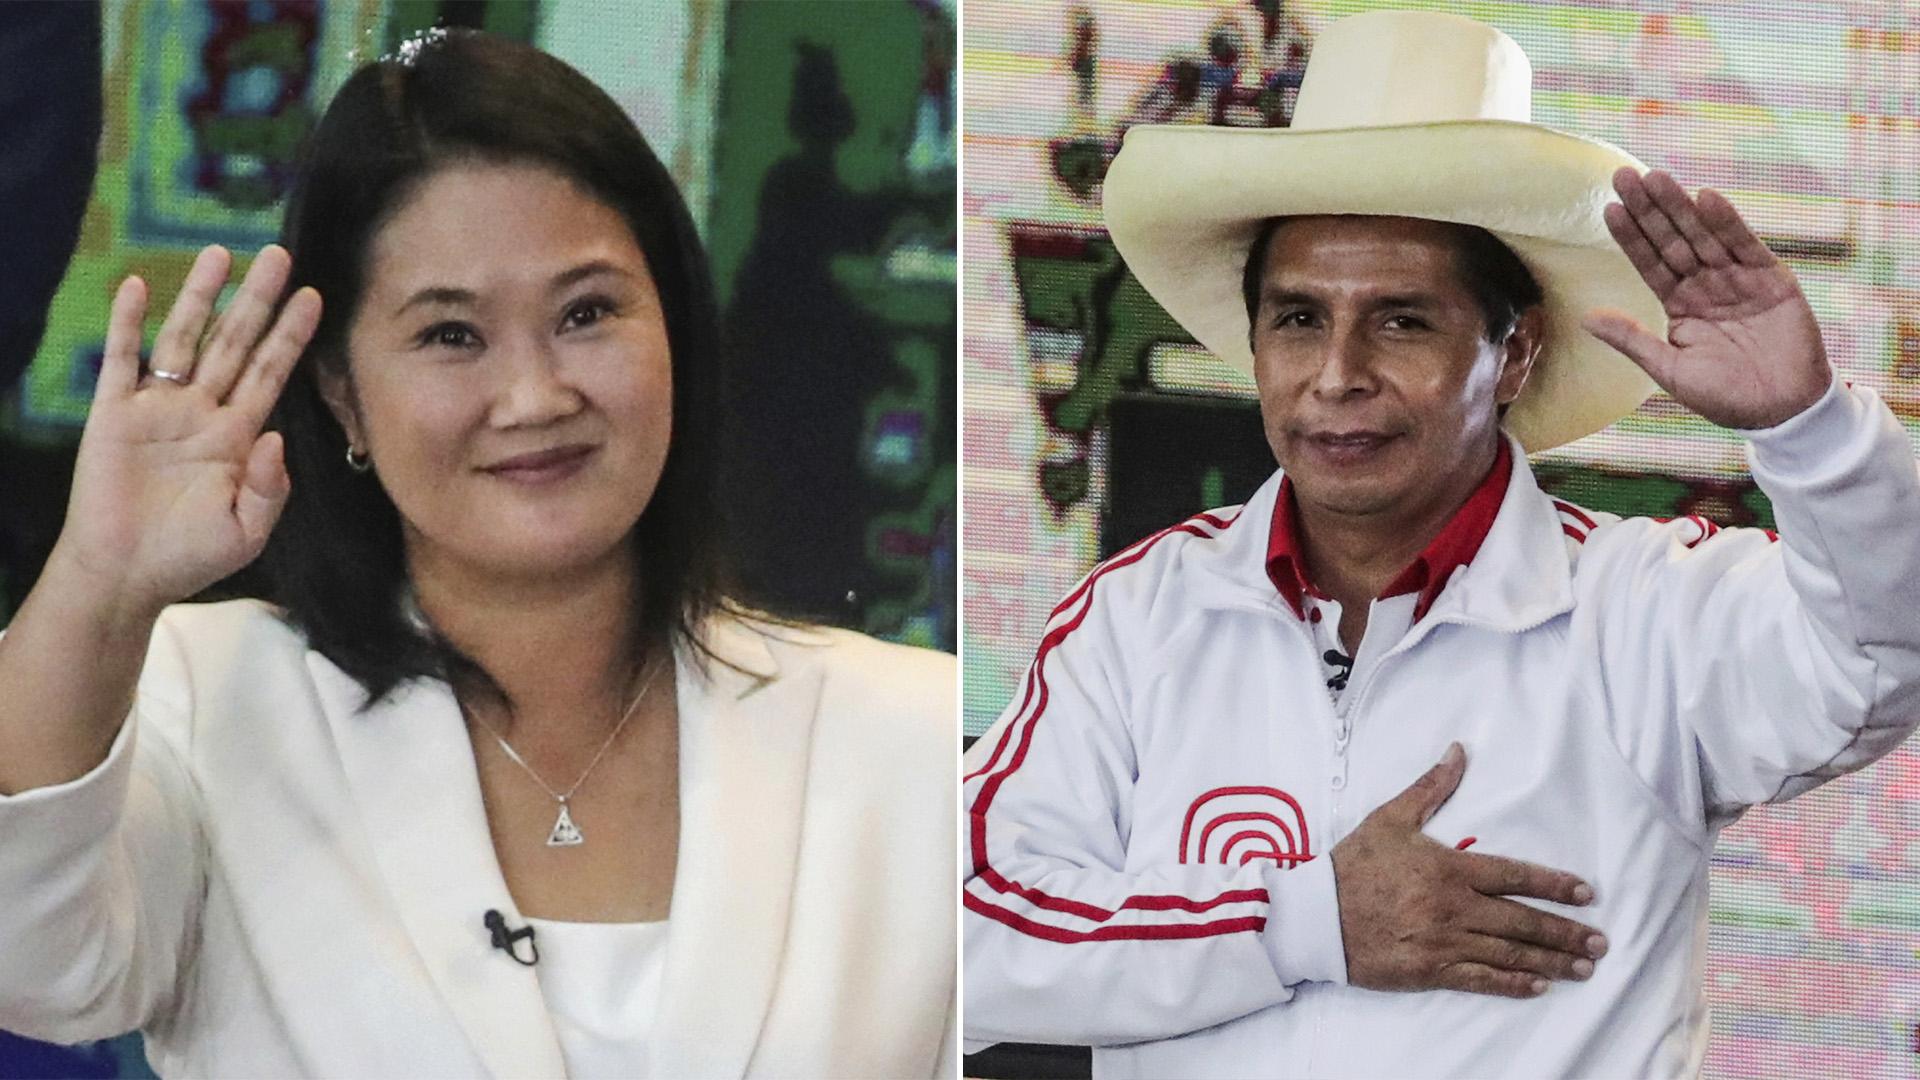 Ballotage en Perú: con el 90% de las actas procesadas, Keiko Fujimori se impone a Pedro Castillo por escaso margen